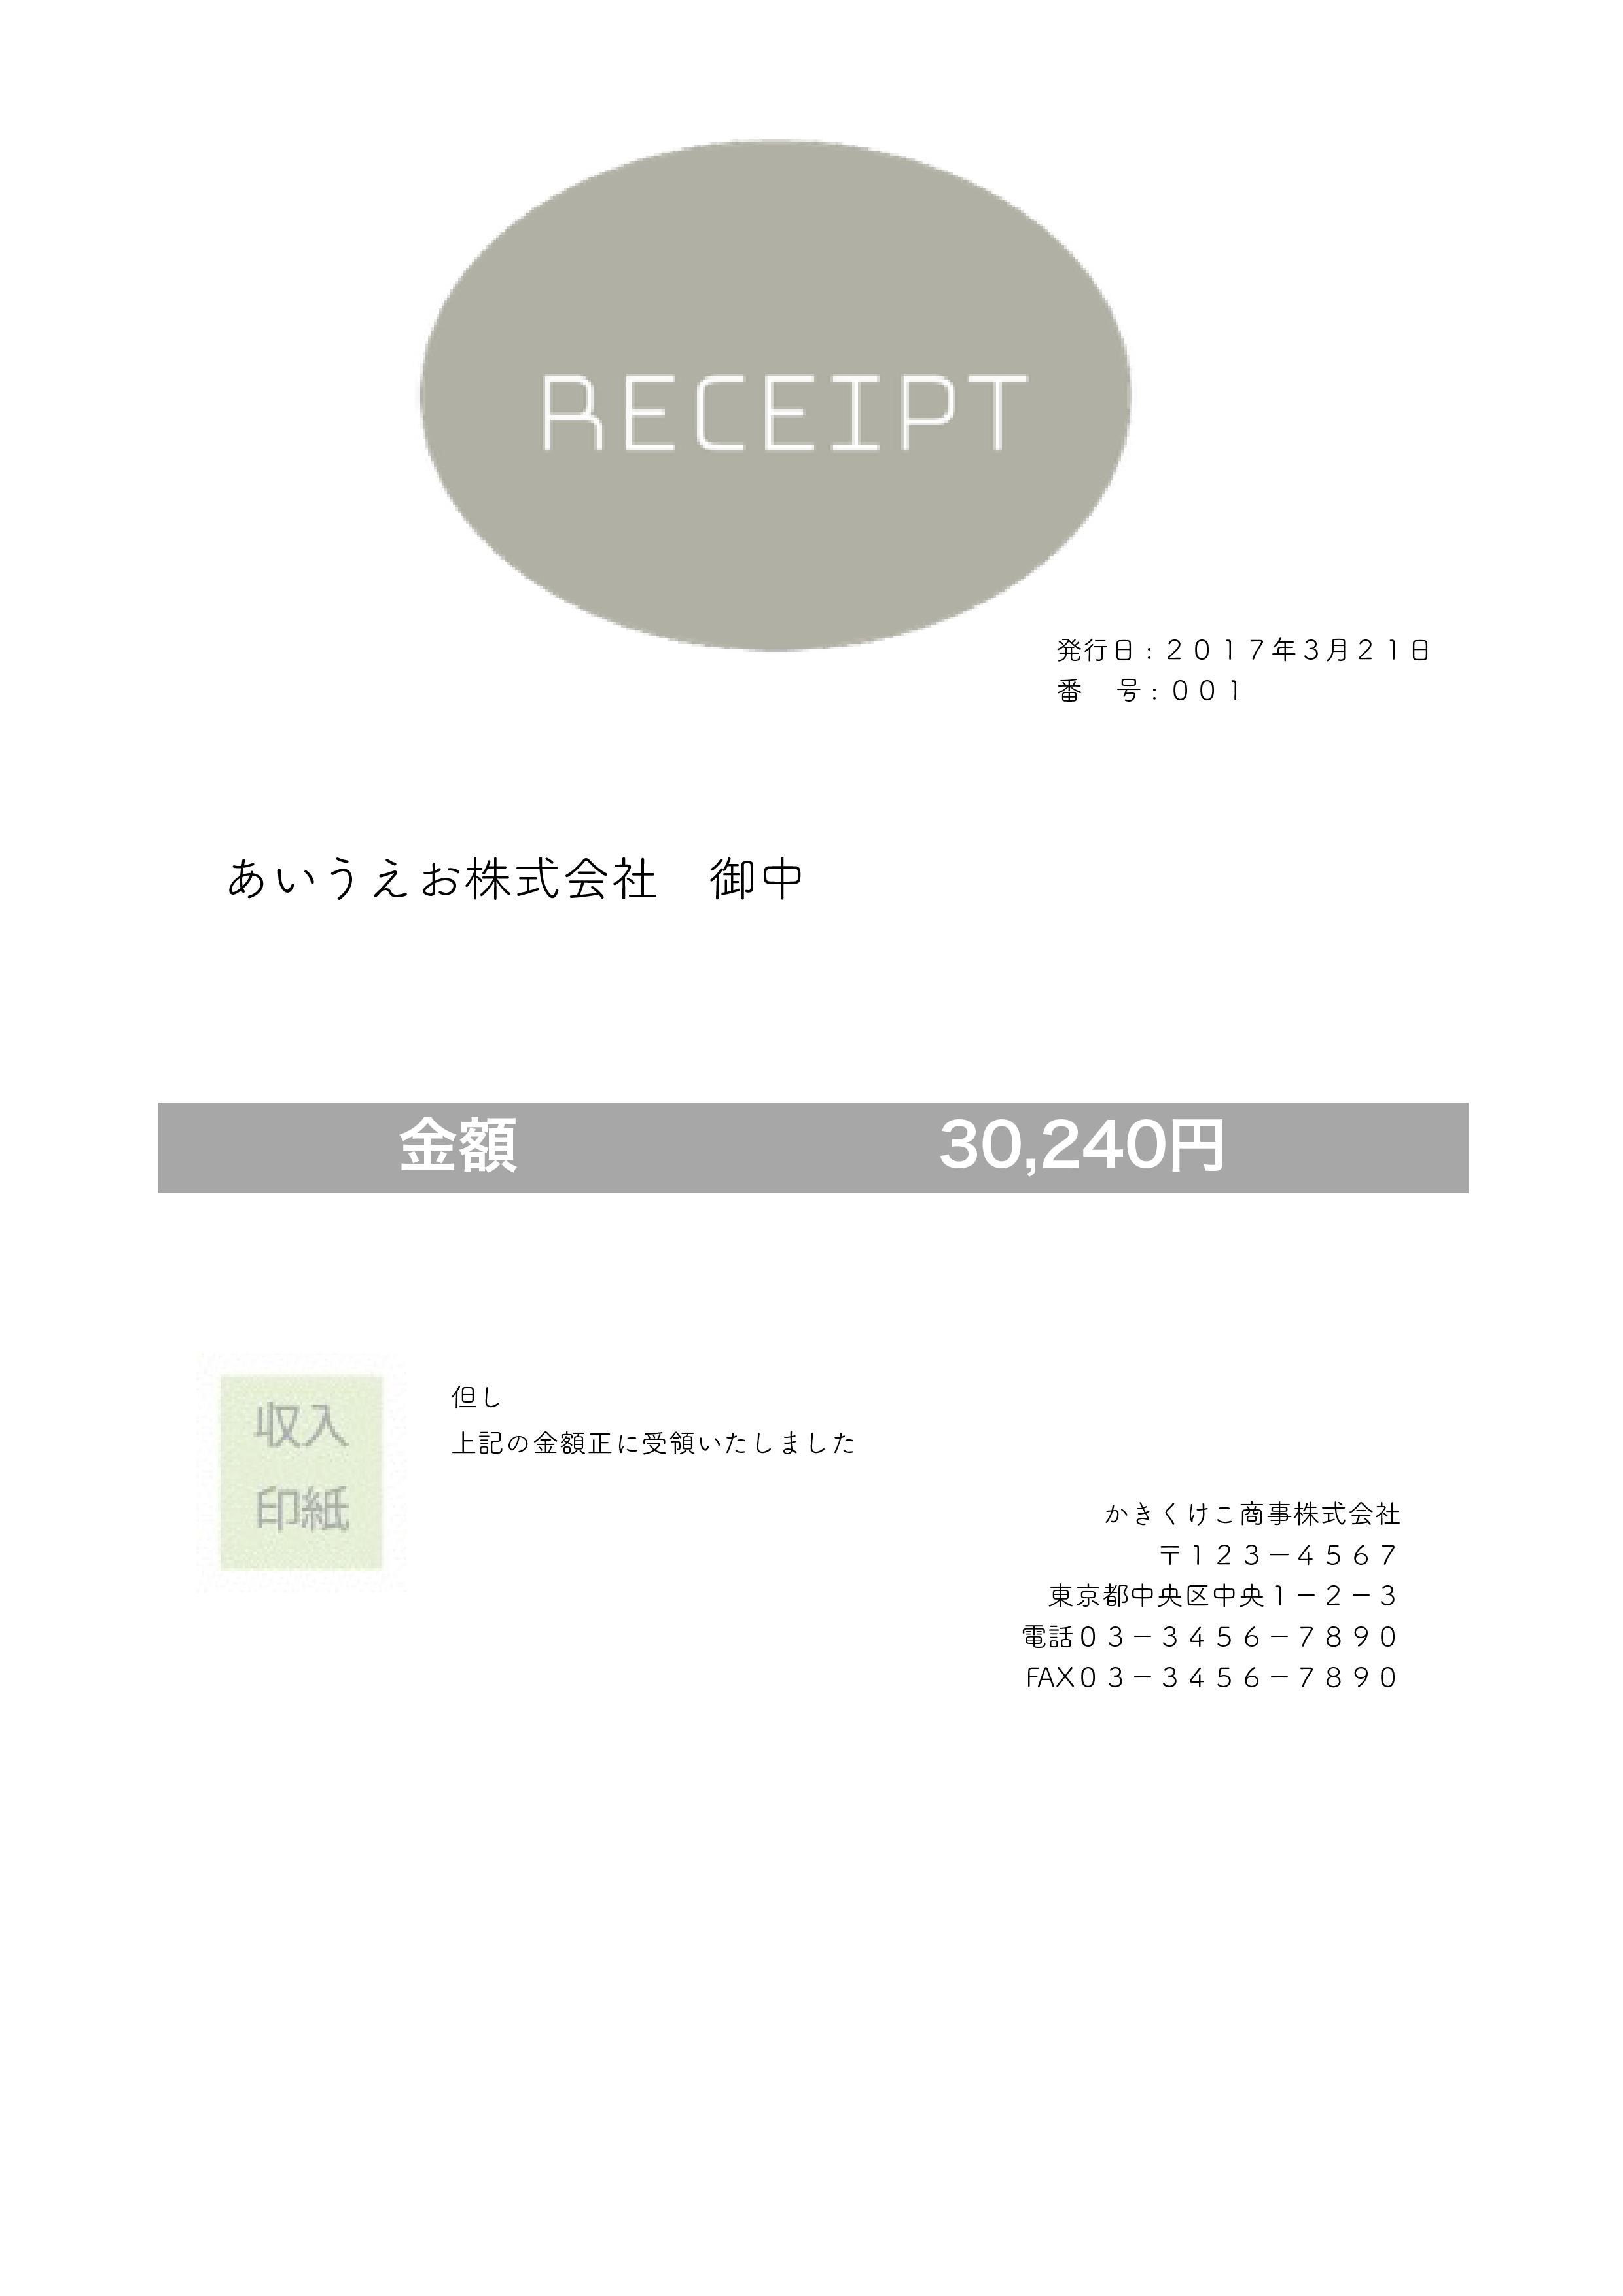 シンプルな領収書(Receipt)テンプレート(ワード、ページズ)A4サイズ グレー